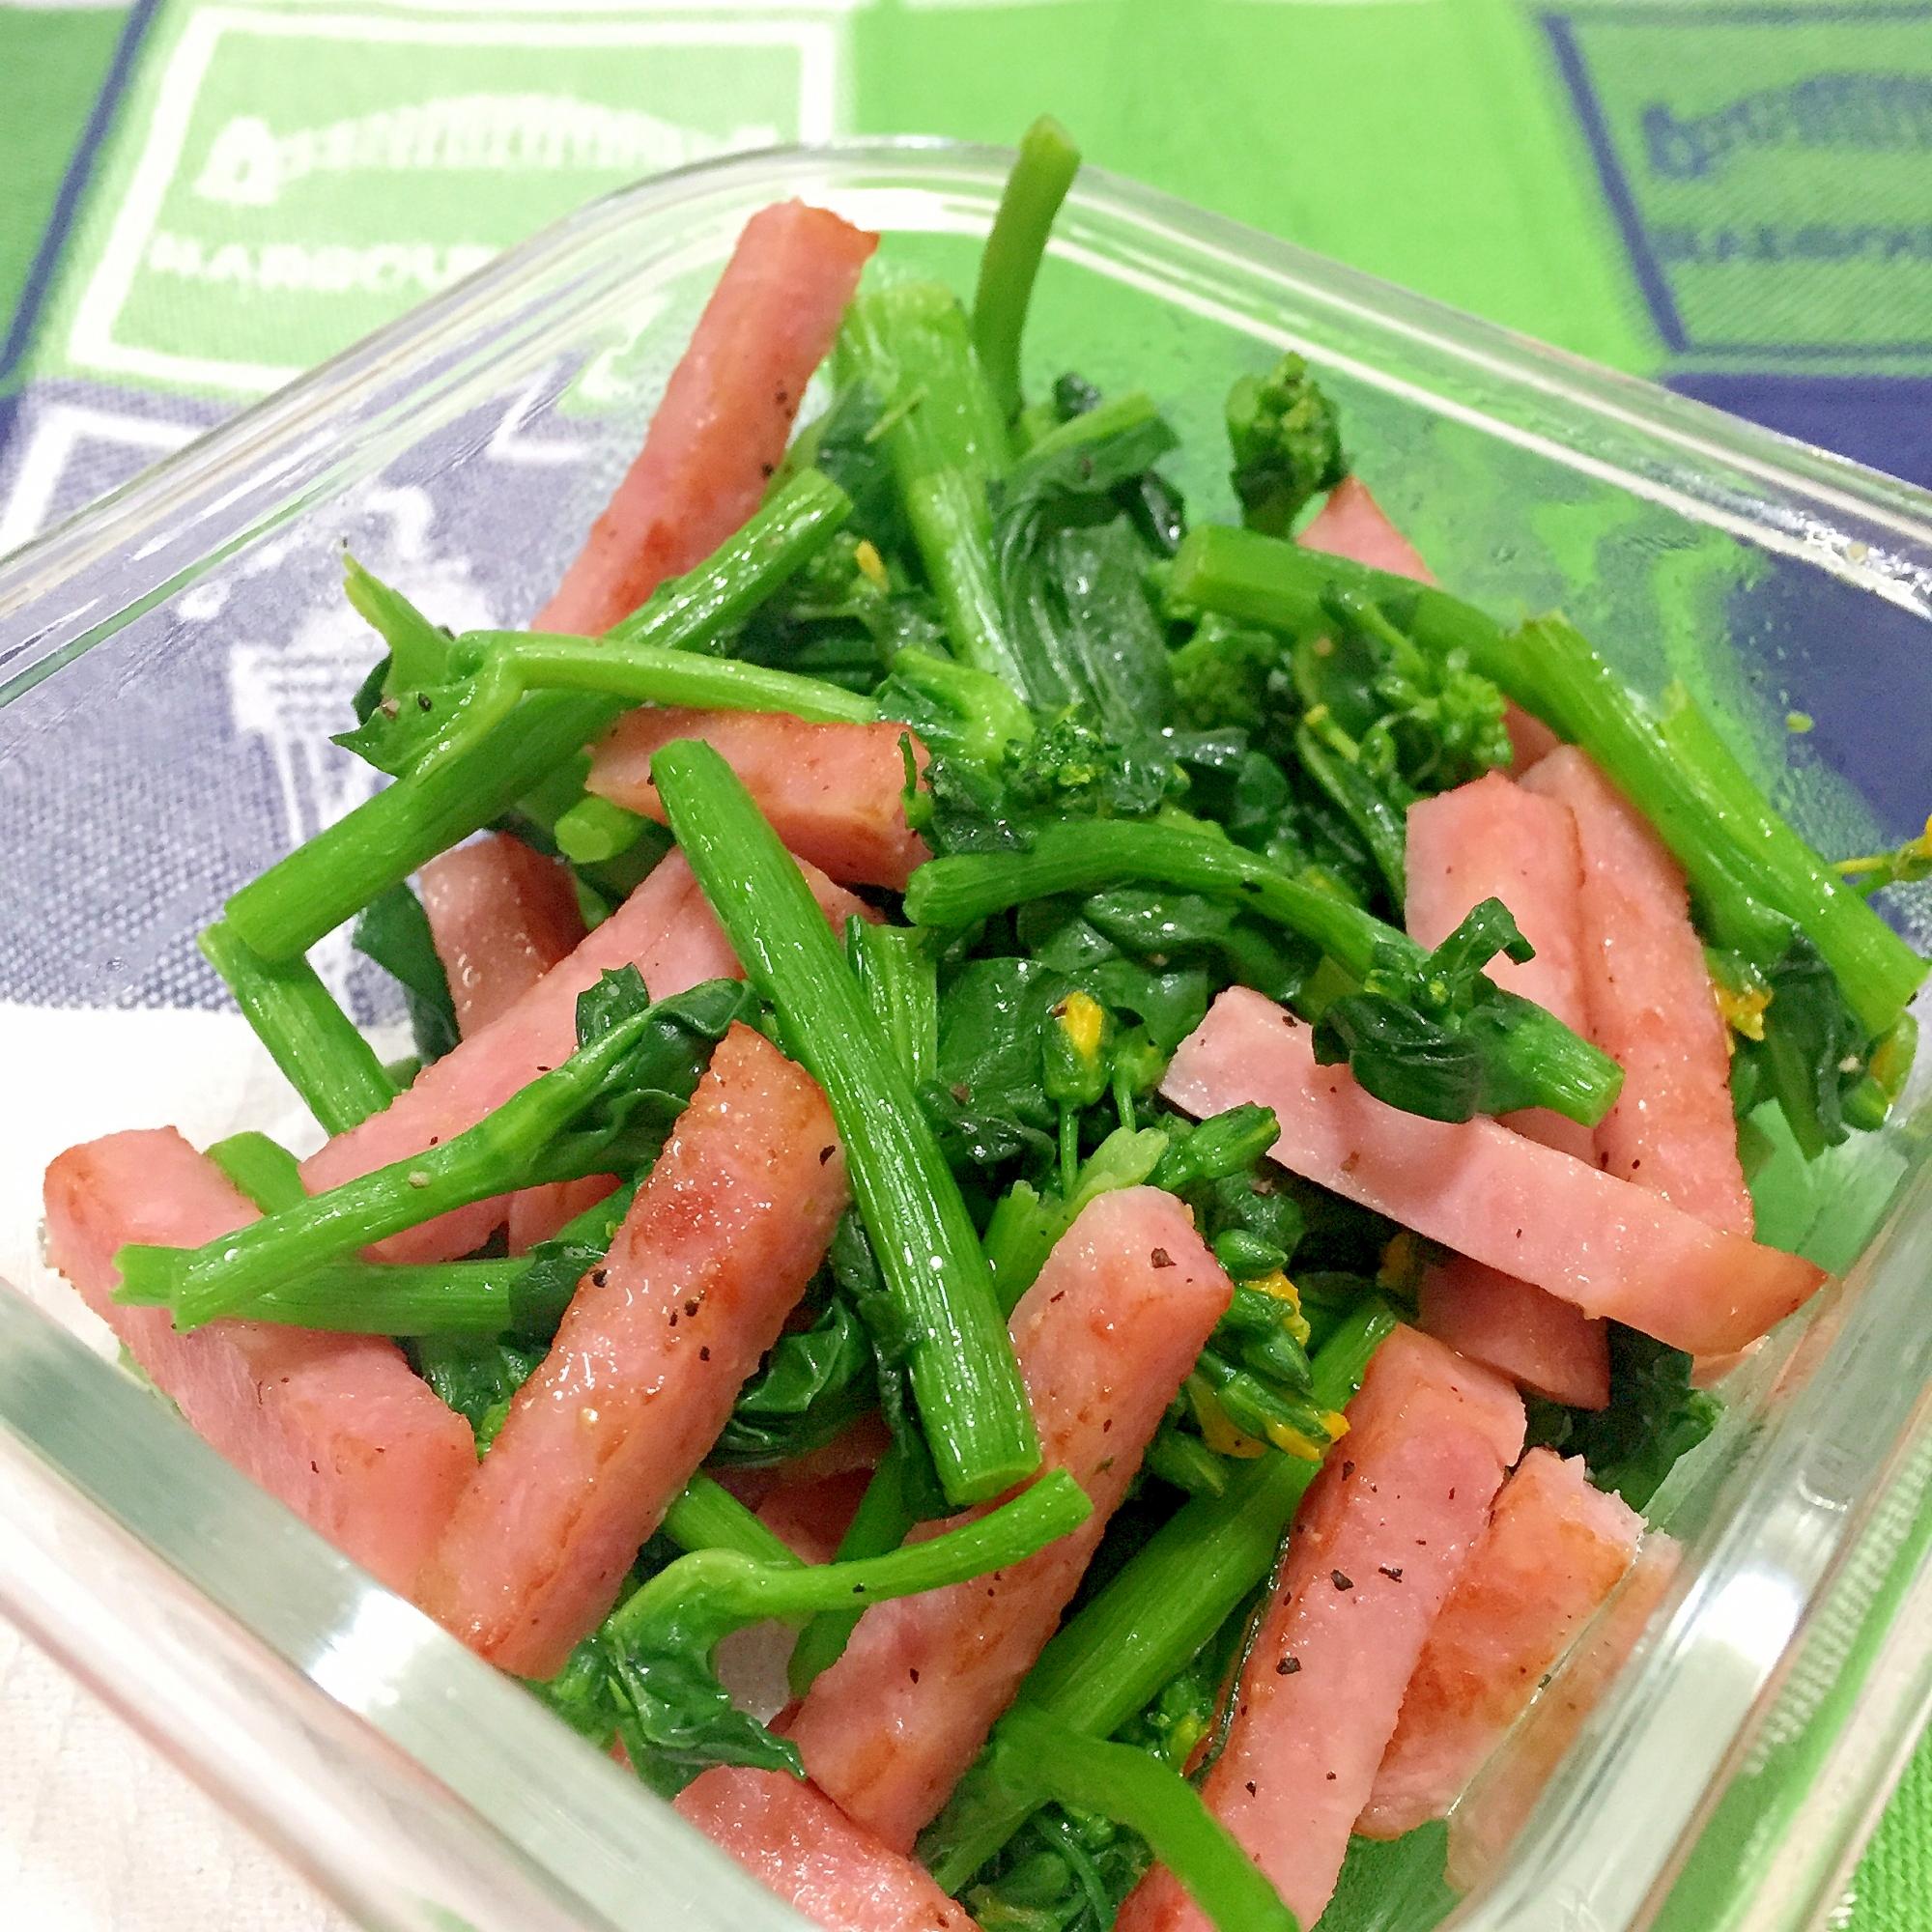 2. アスパラ菜とハムのシンプル炒め